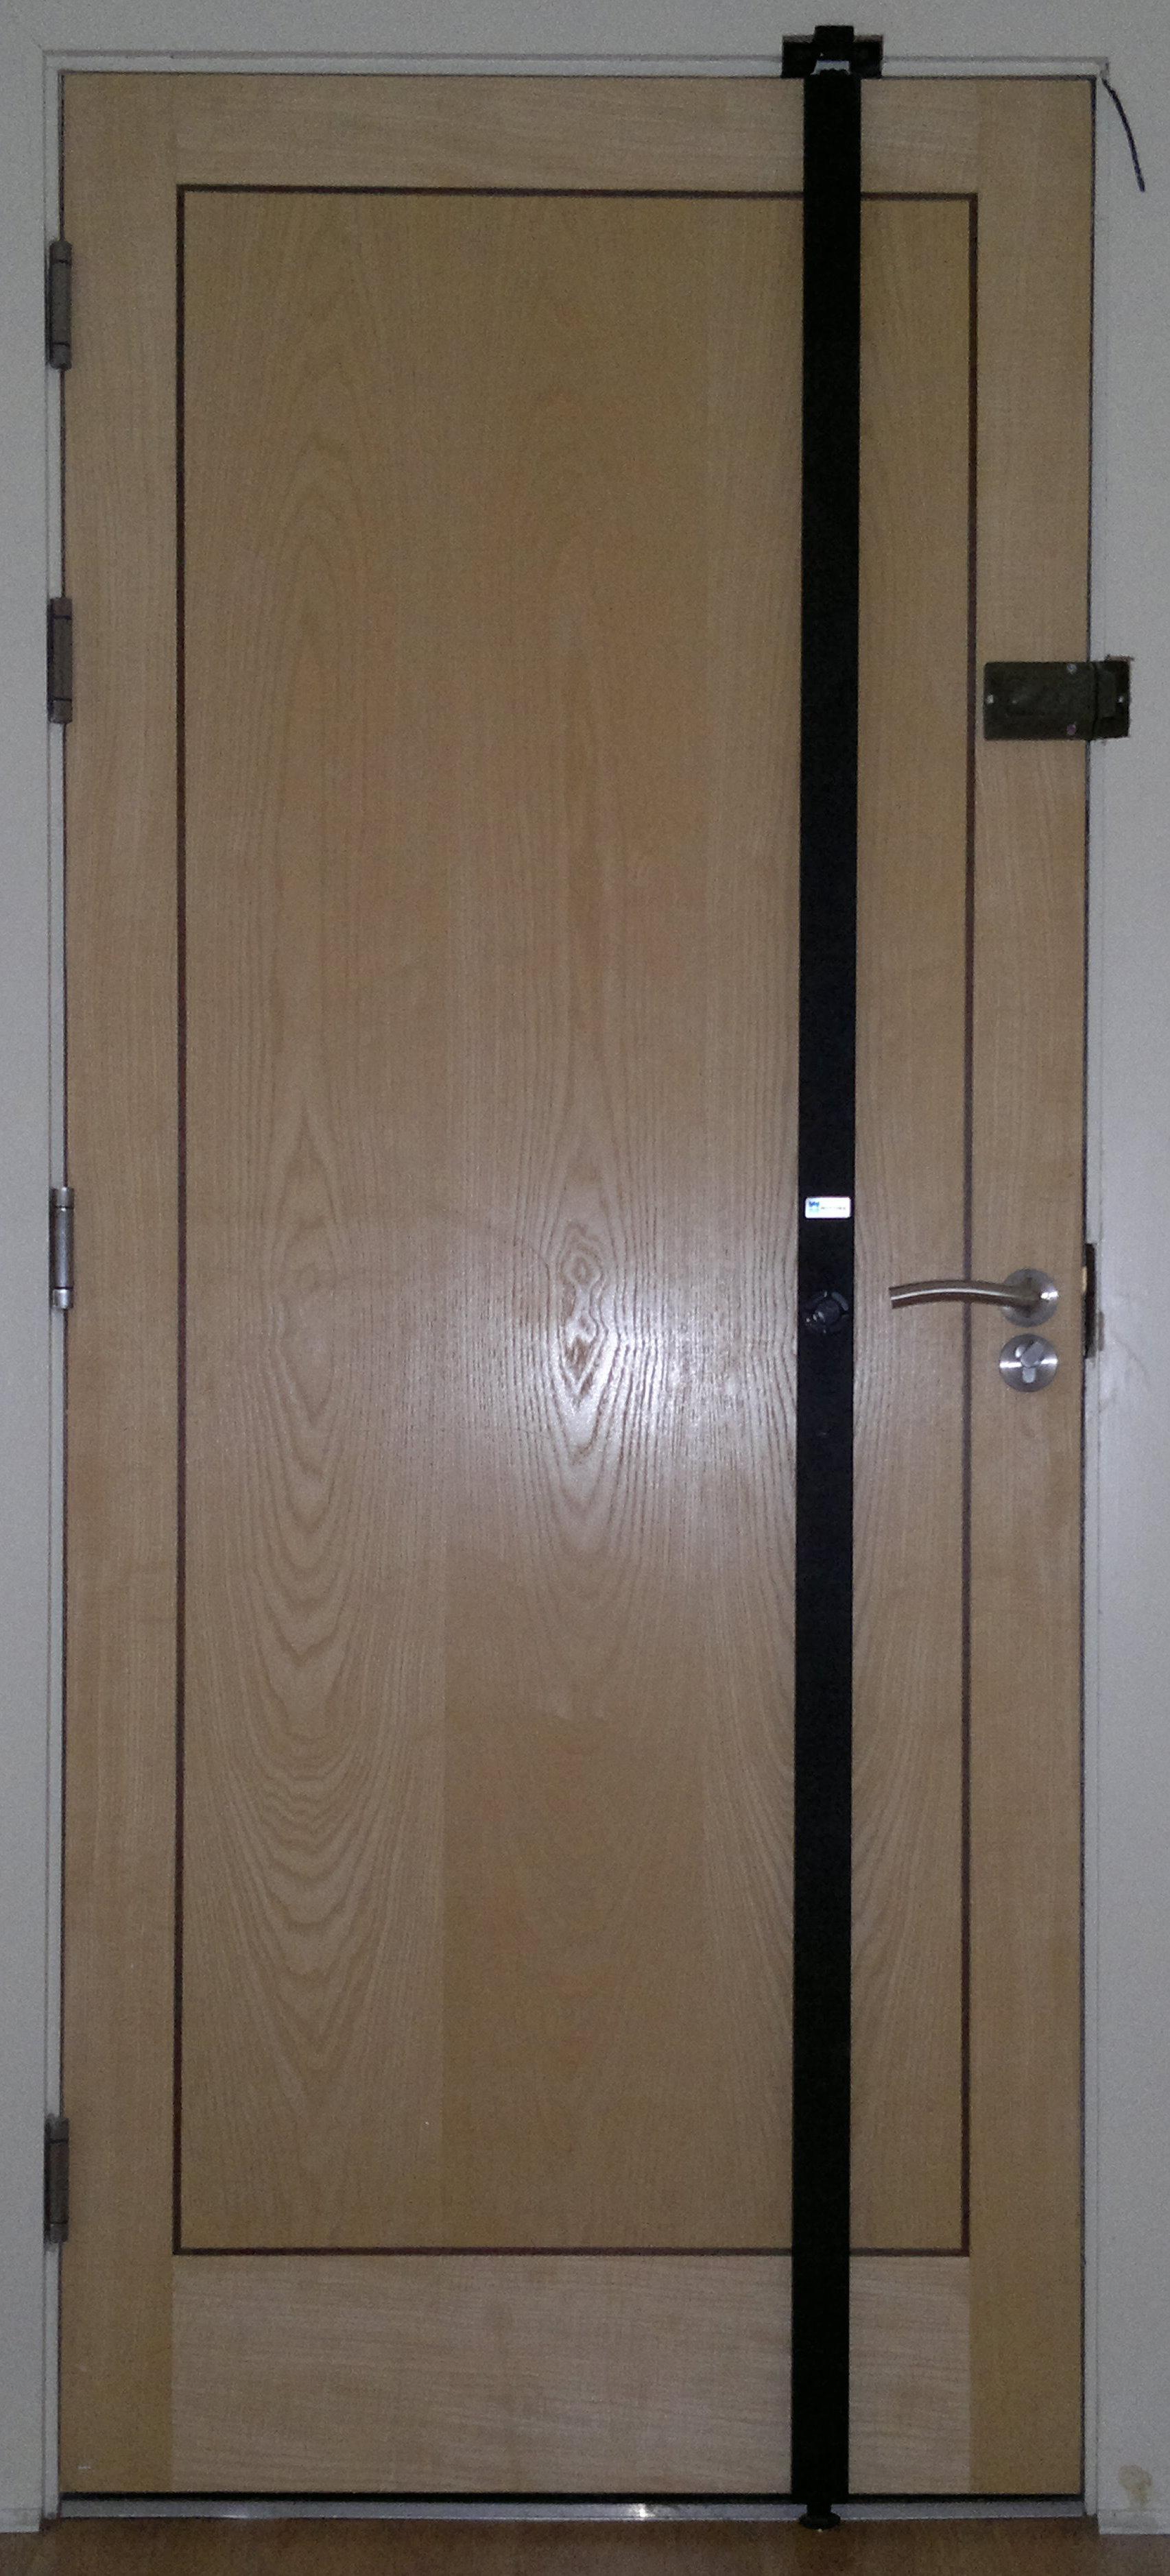 Door Lock Stop The Burglar 01 8249605 Stop The Burglar